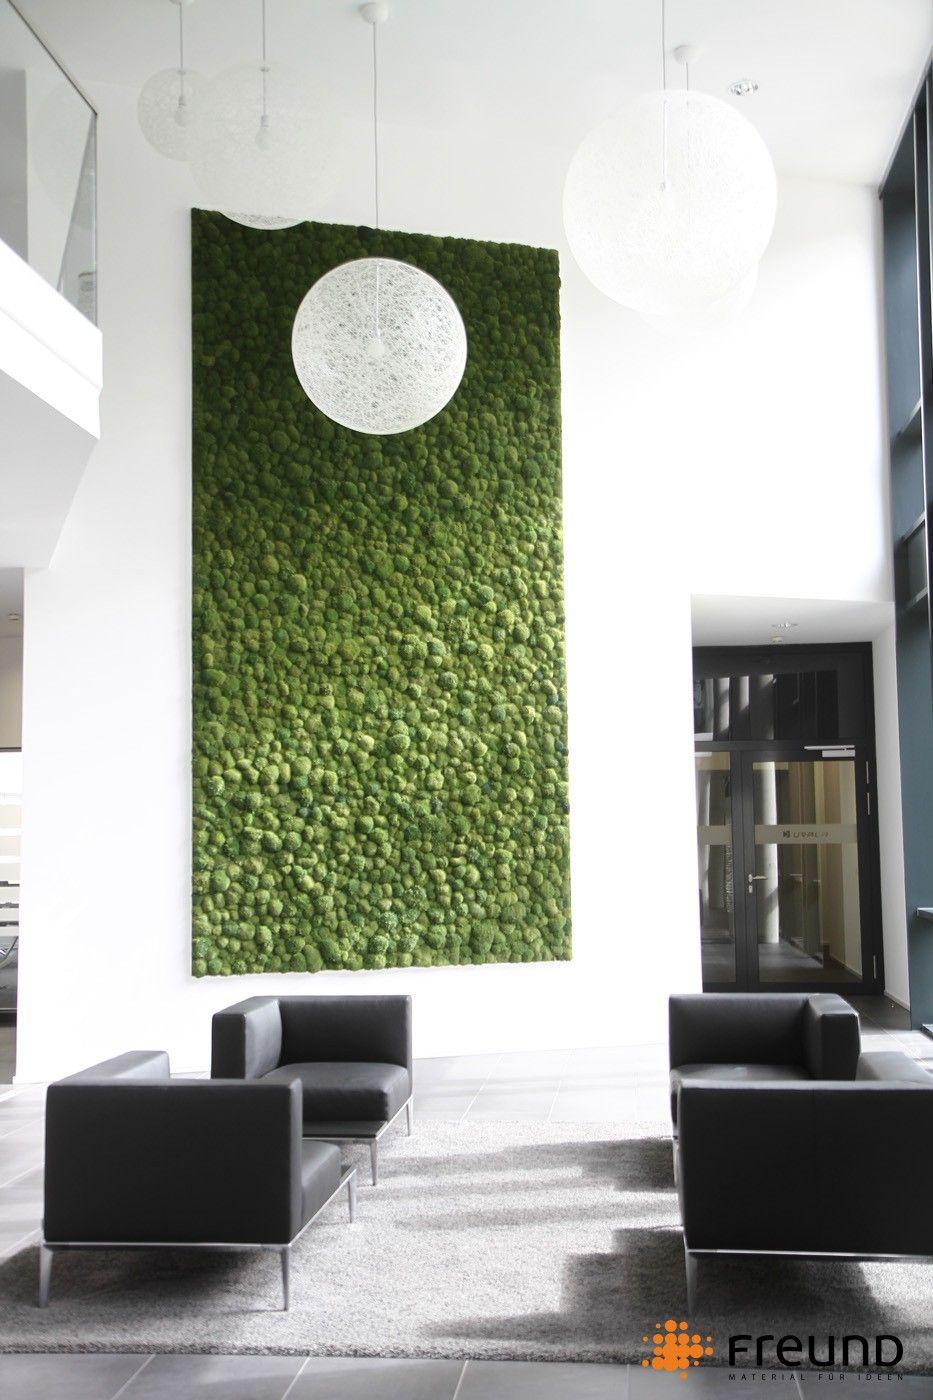 Mooswand Moosbild Polstermoos Greenhill Freund Moosmanufaktur Eine Marke Der Freund Gmbh Mooswand Moosbilder Wand